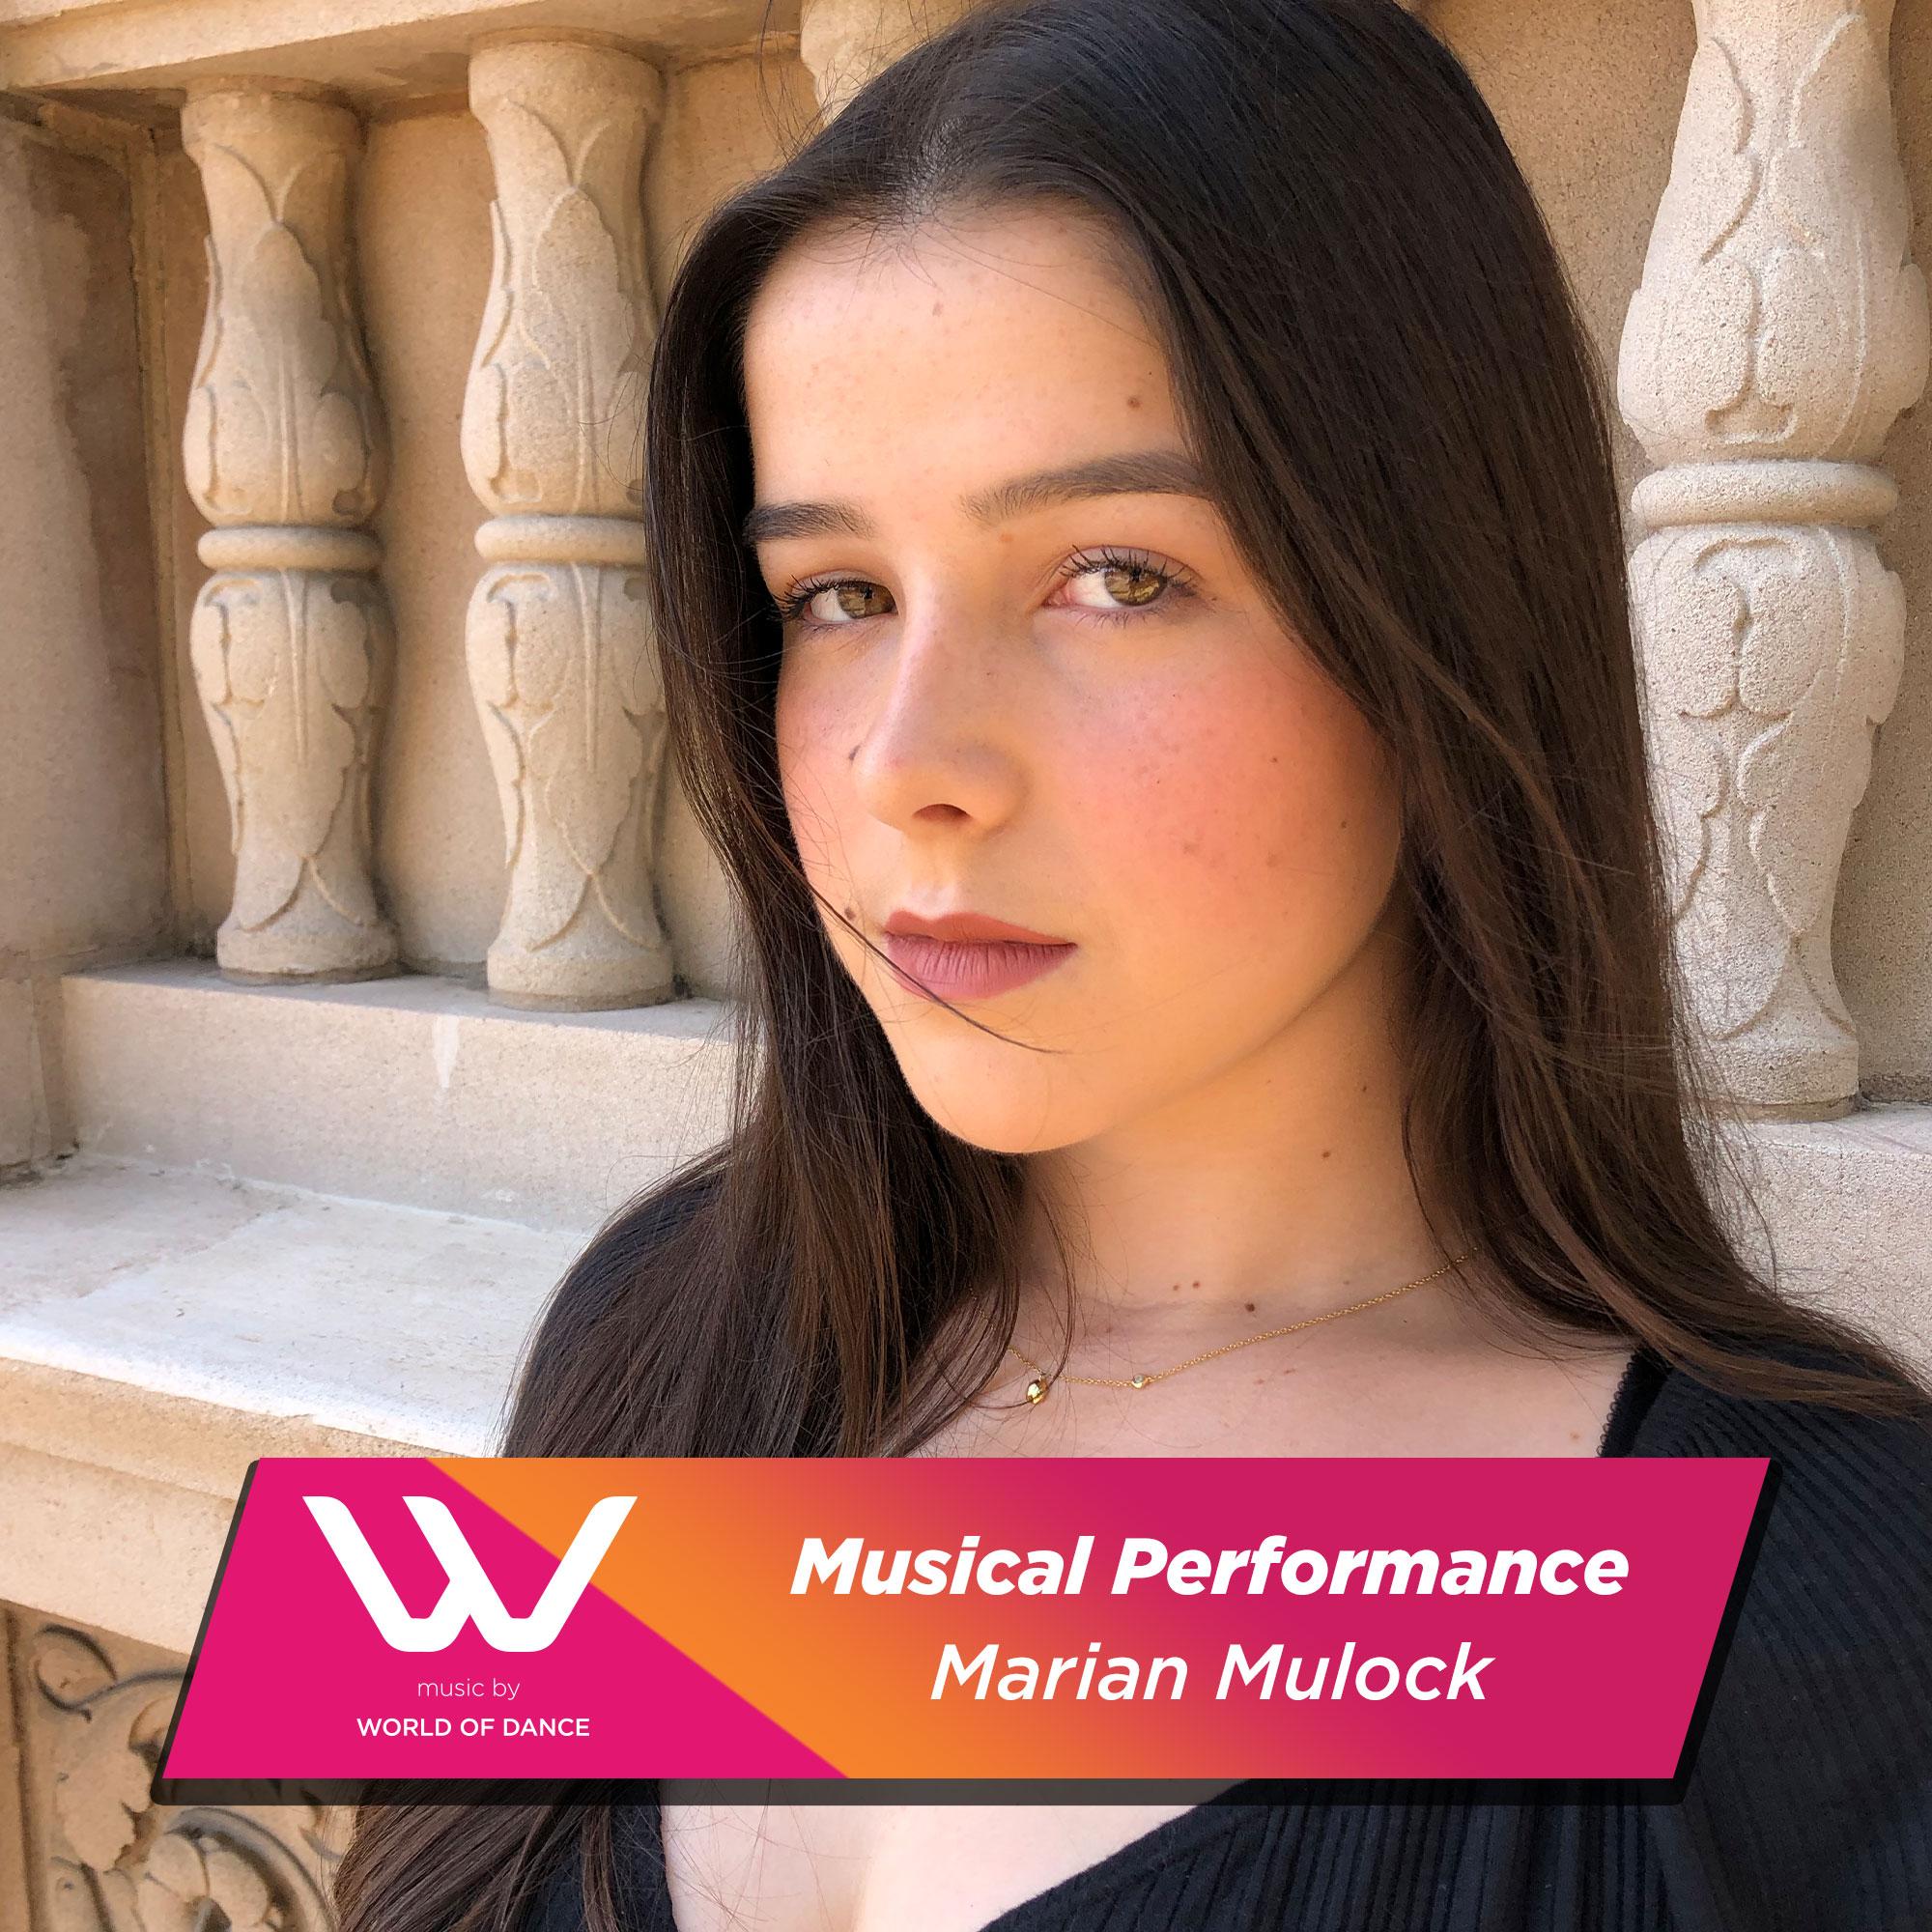 Marian Murlock - @marian_sings